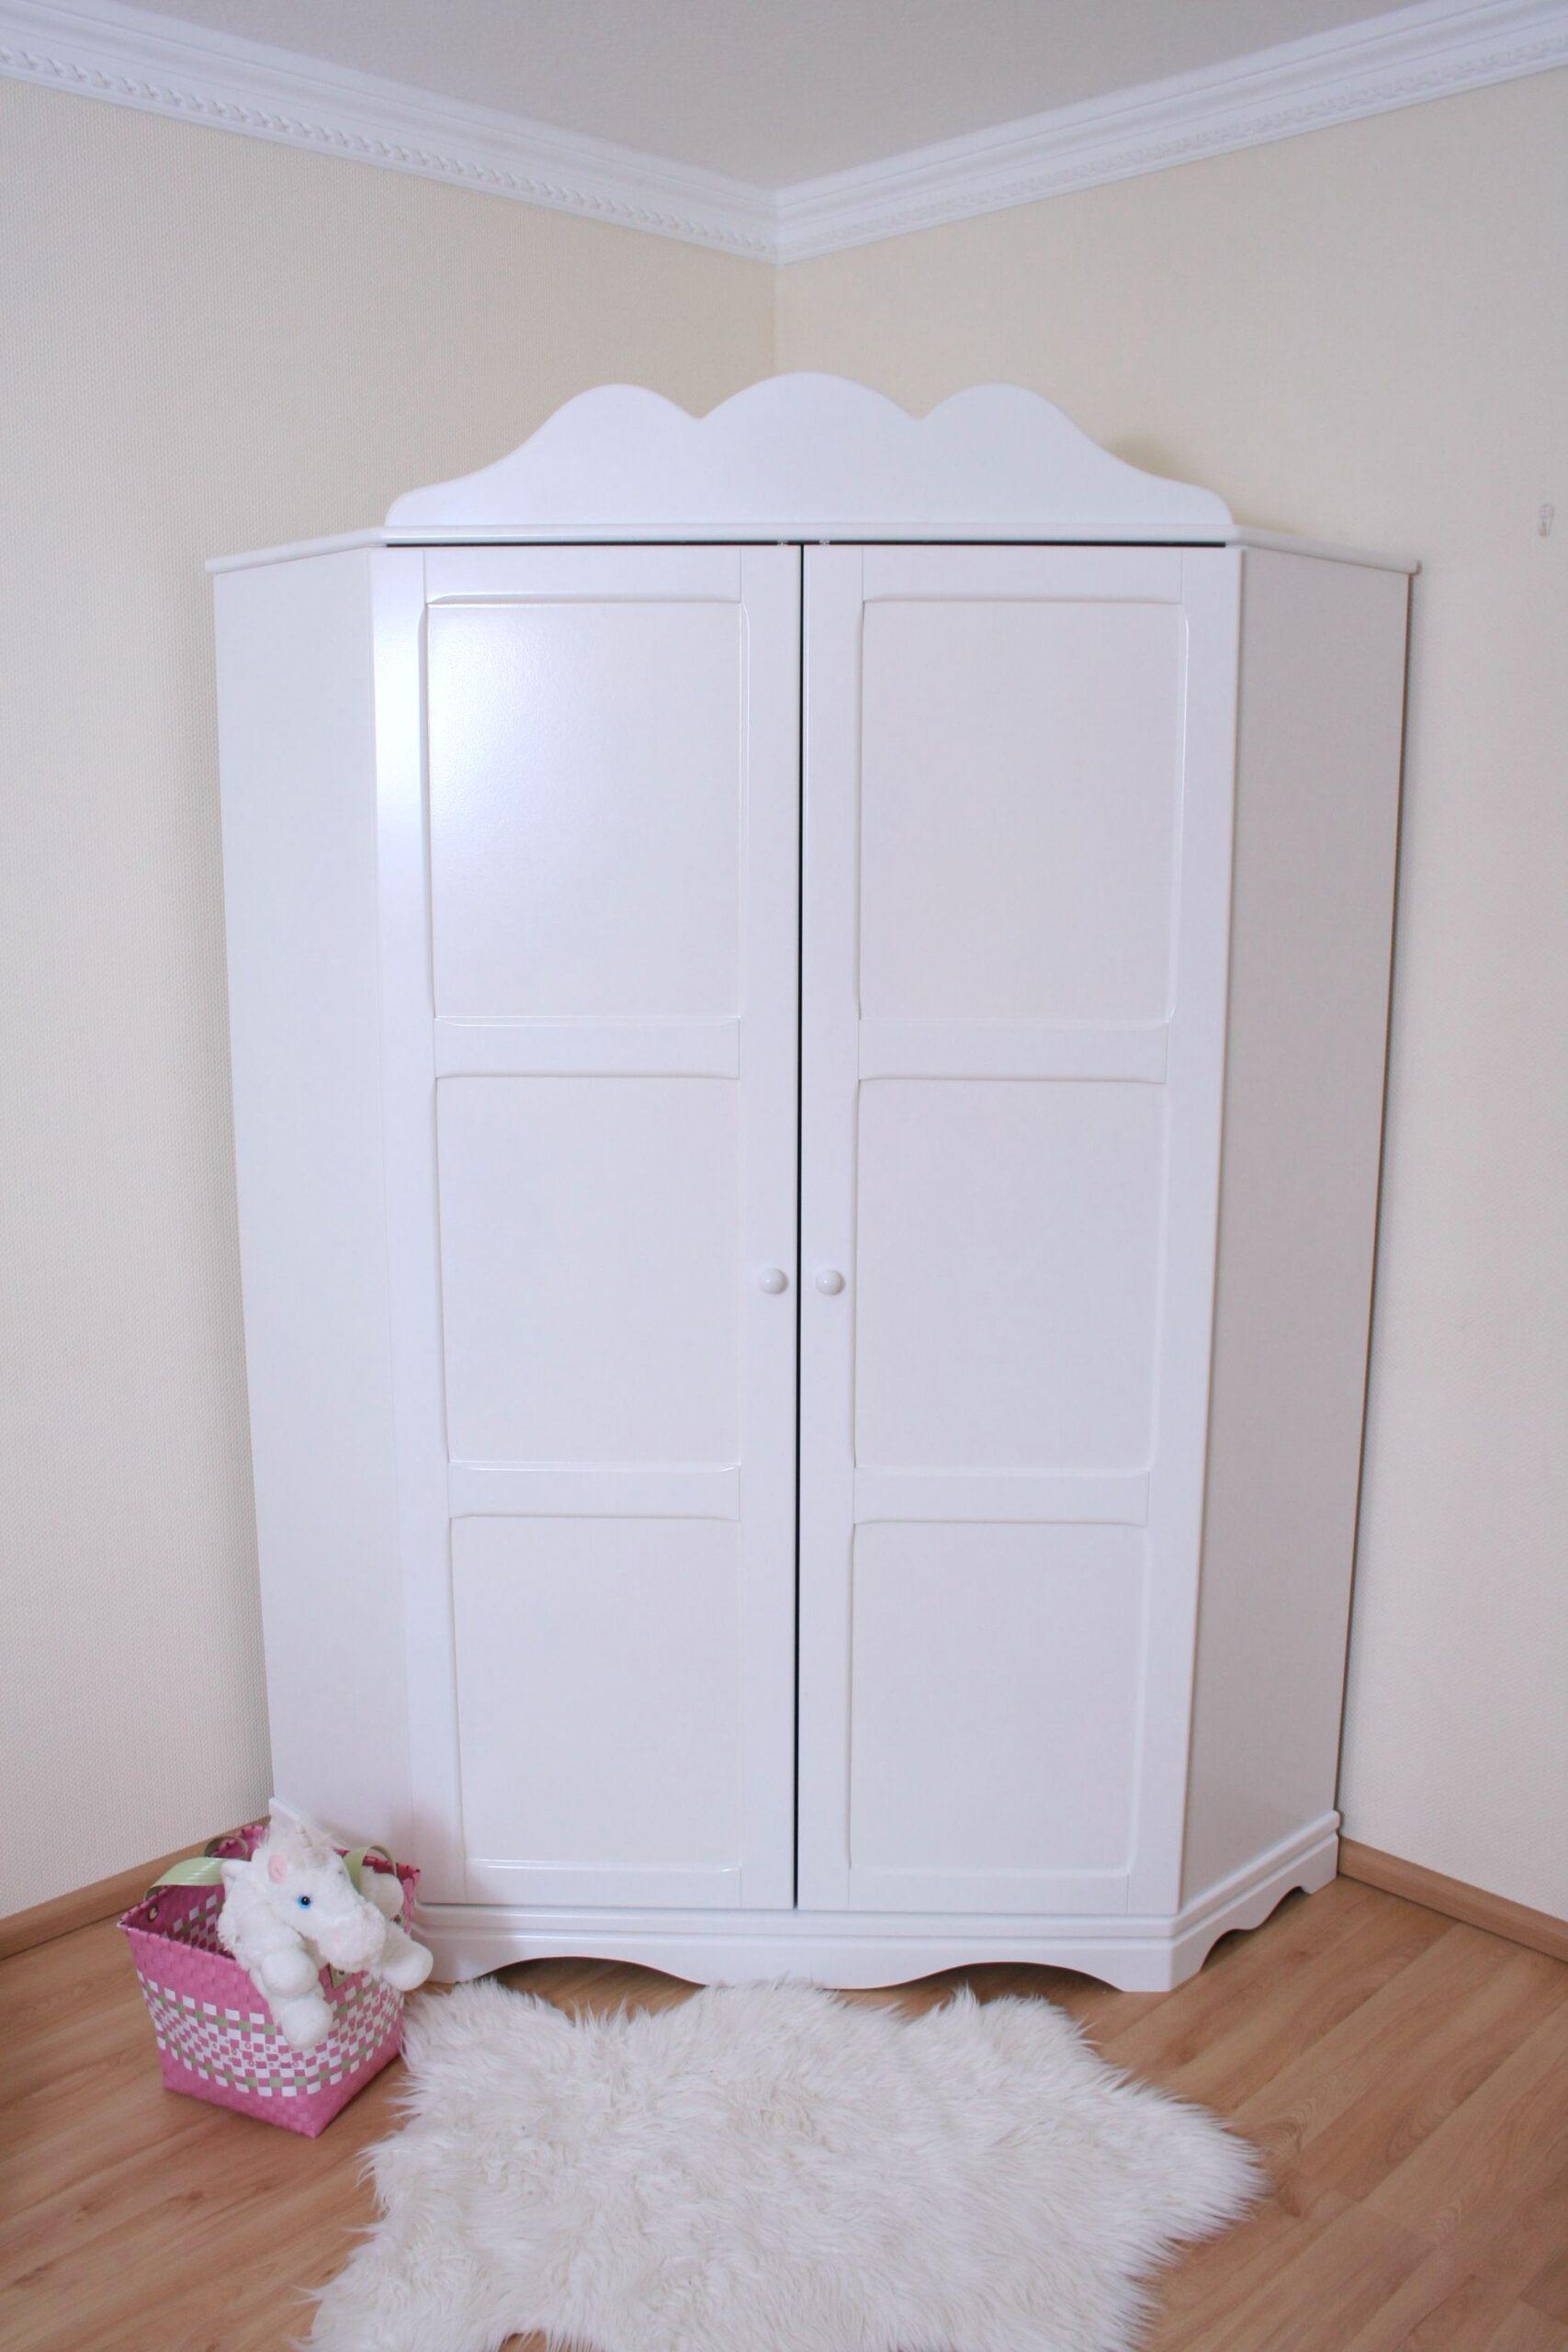 Full Size of Eckschrank Wei Oliniki Bad Kommode Weiß Hochglanz Bett 140x200 Küche Betten Kleiner Esstisch Oval 200x200 Runder Ausziehbar Hängeschrank Weißes Wohnzimmer Eckschrank Weiß